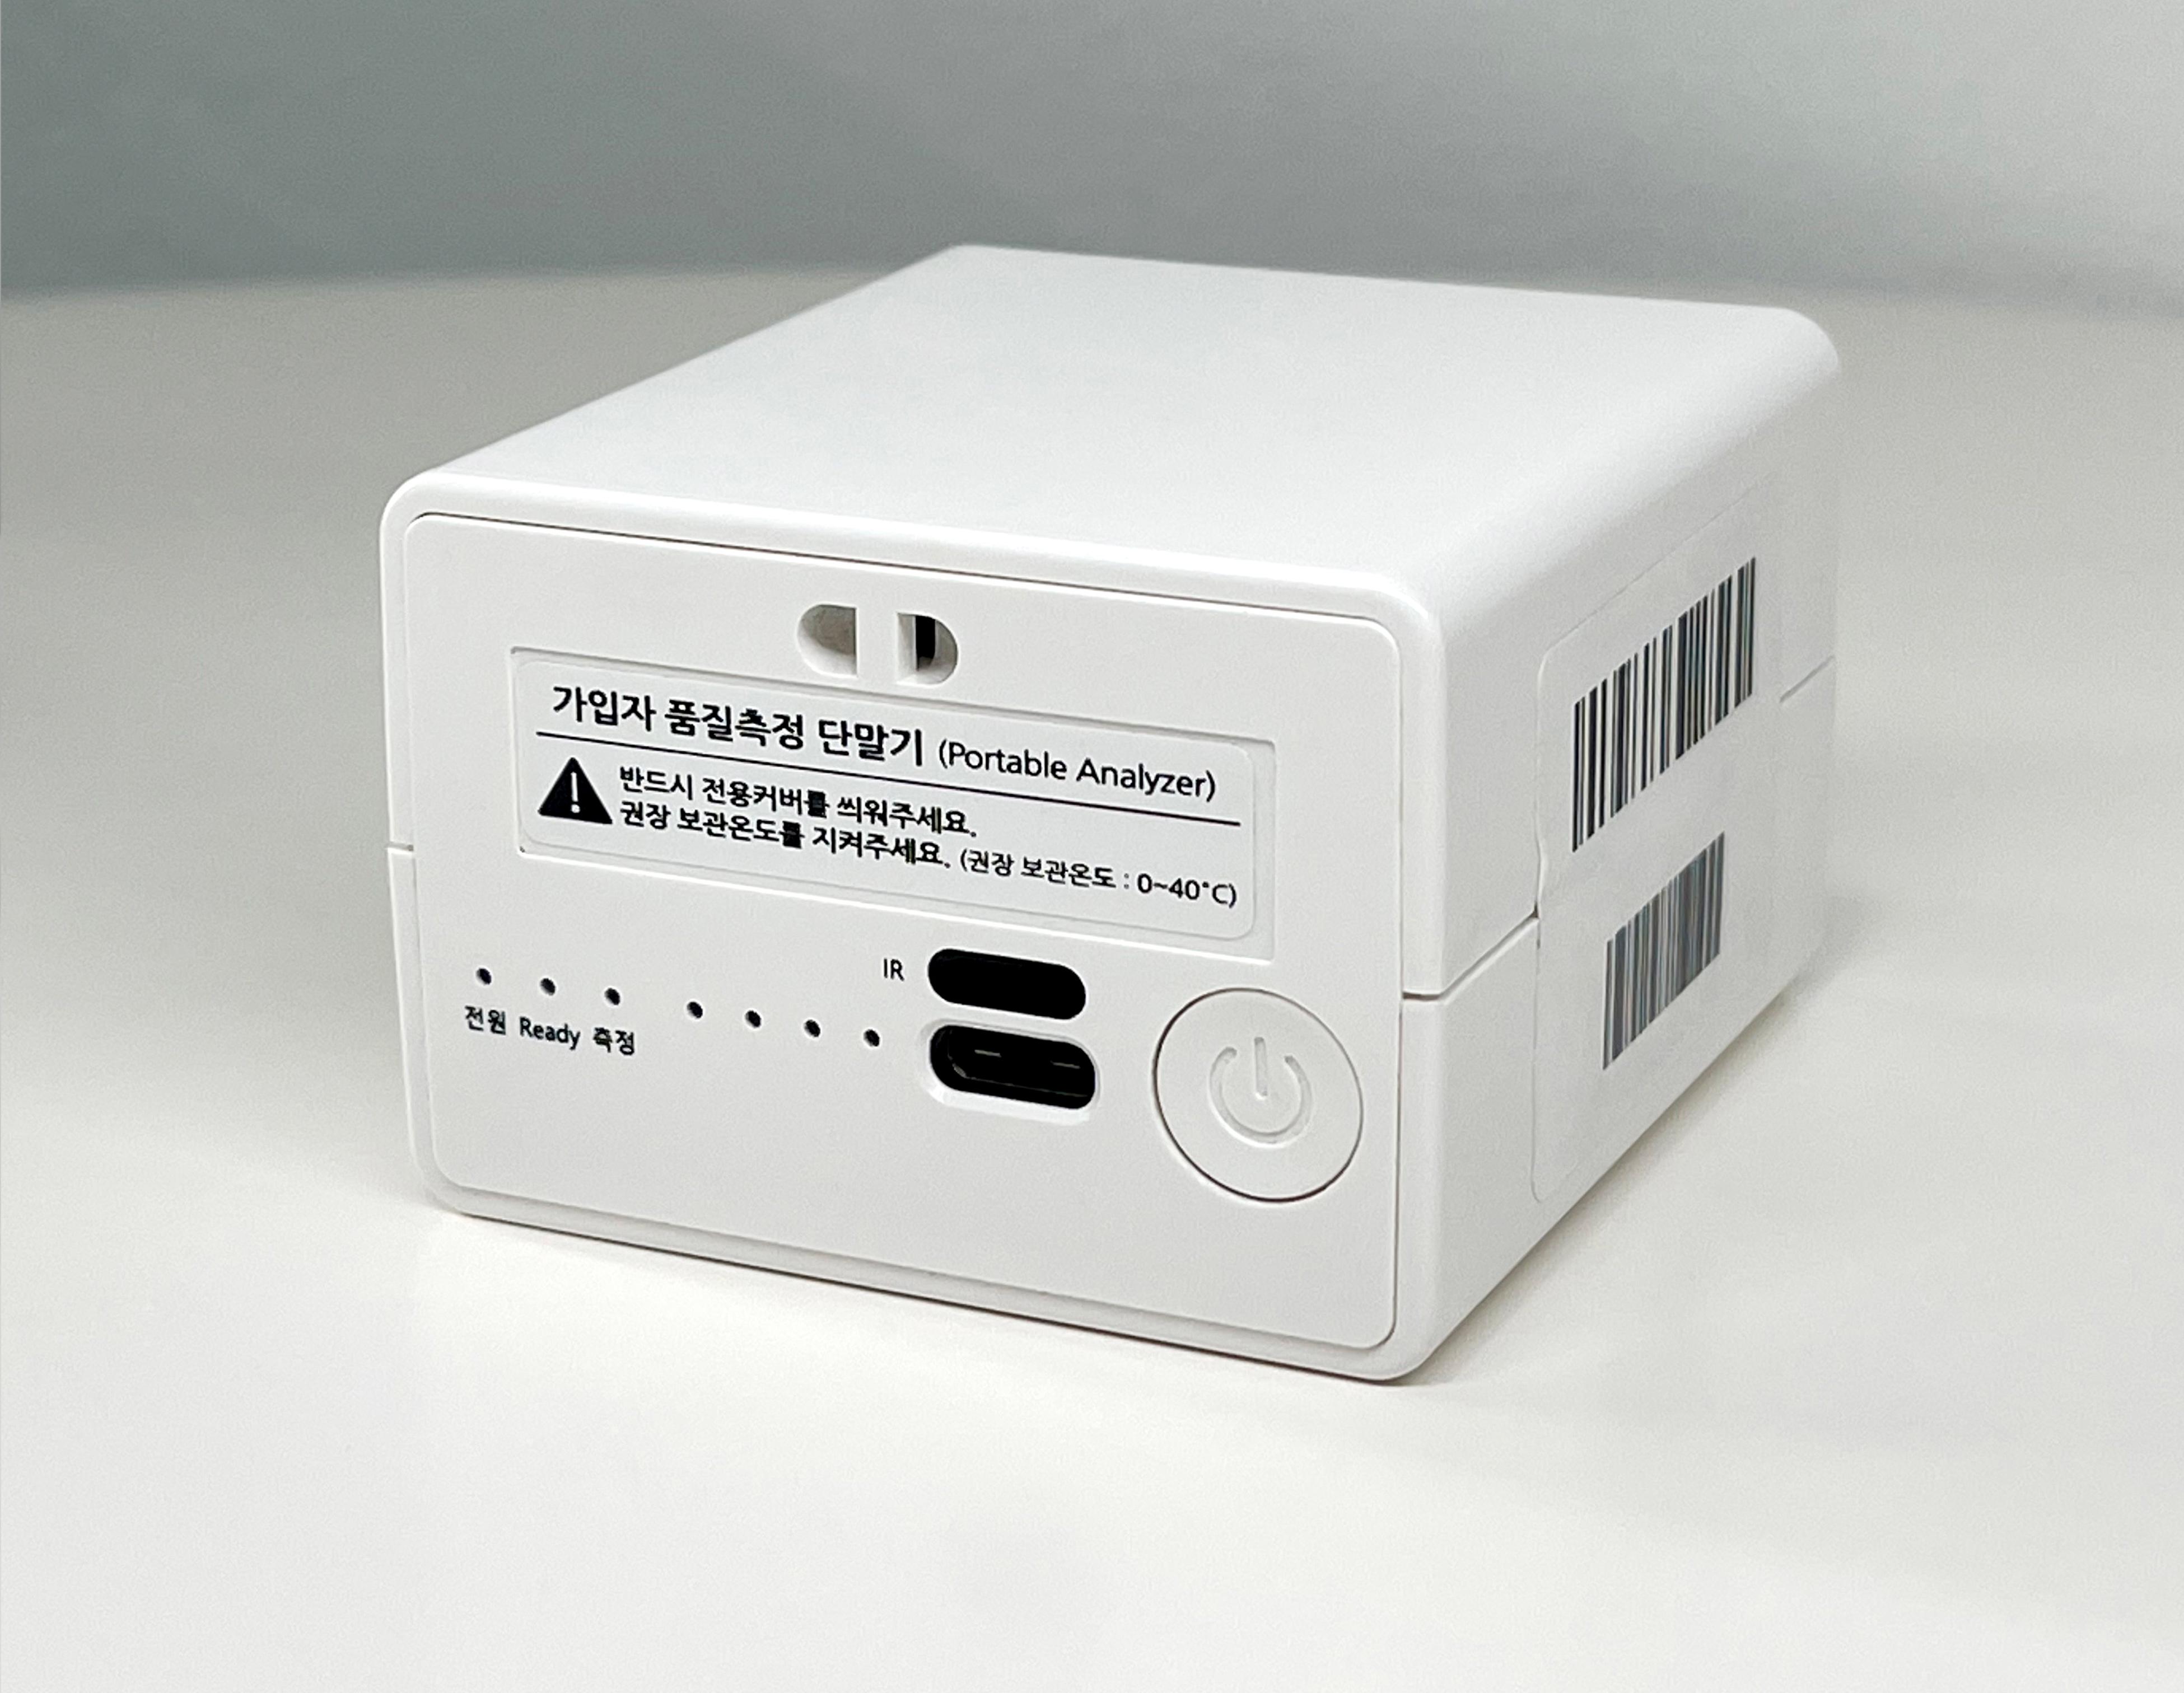 1기가 portable analyzer